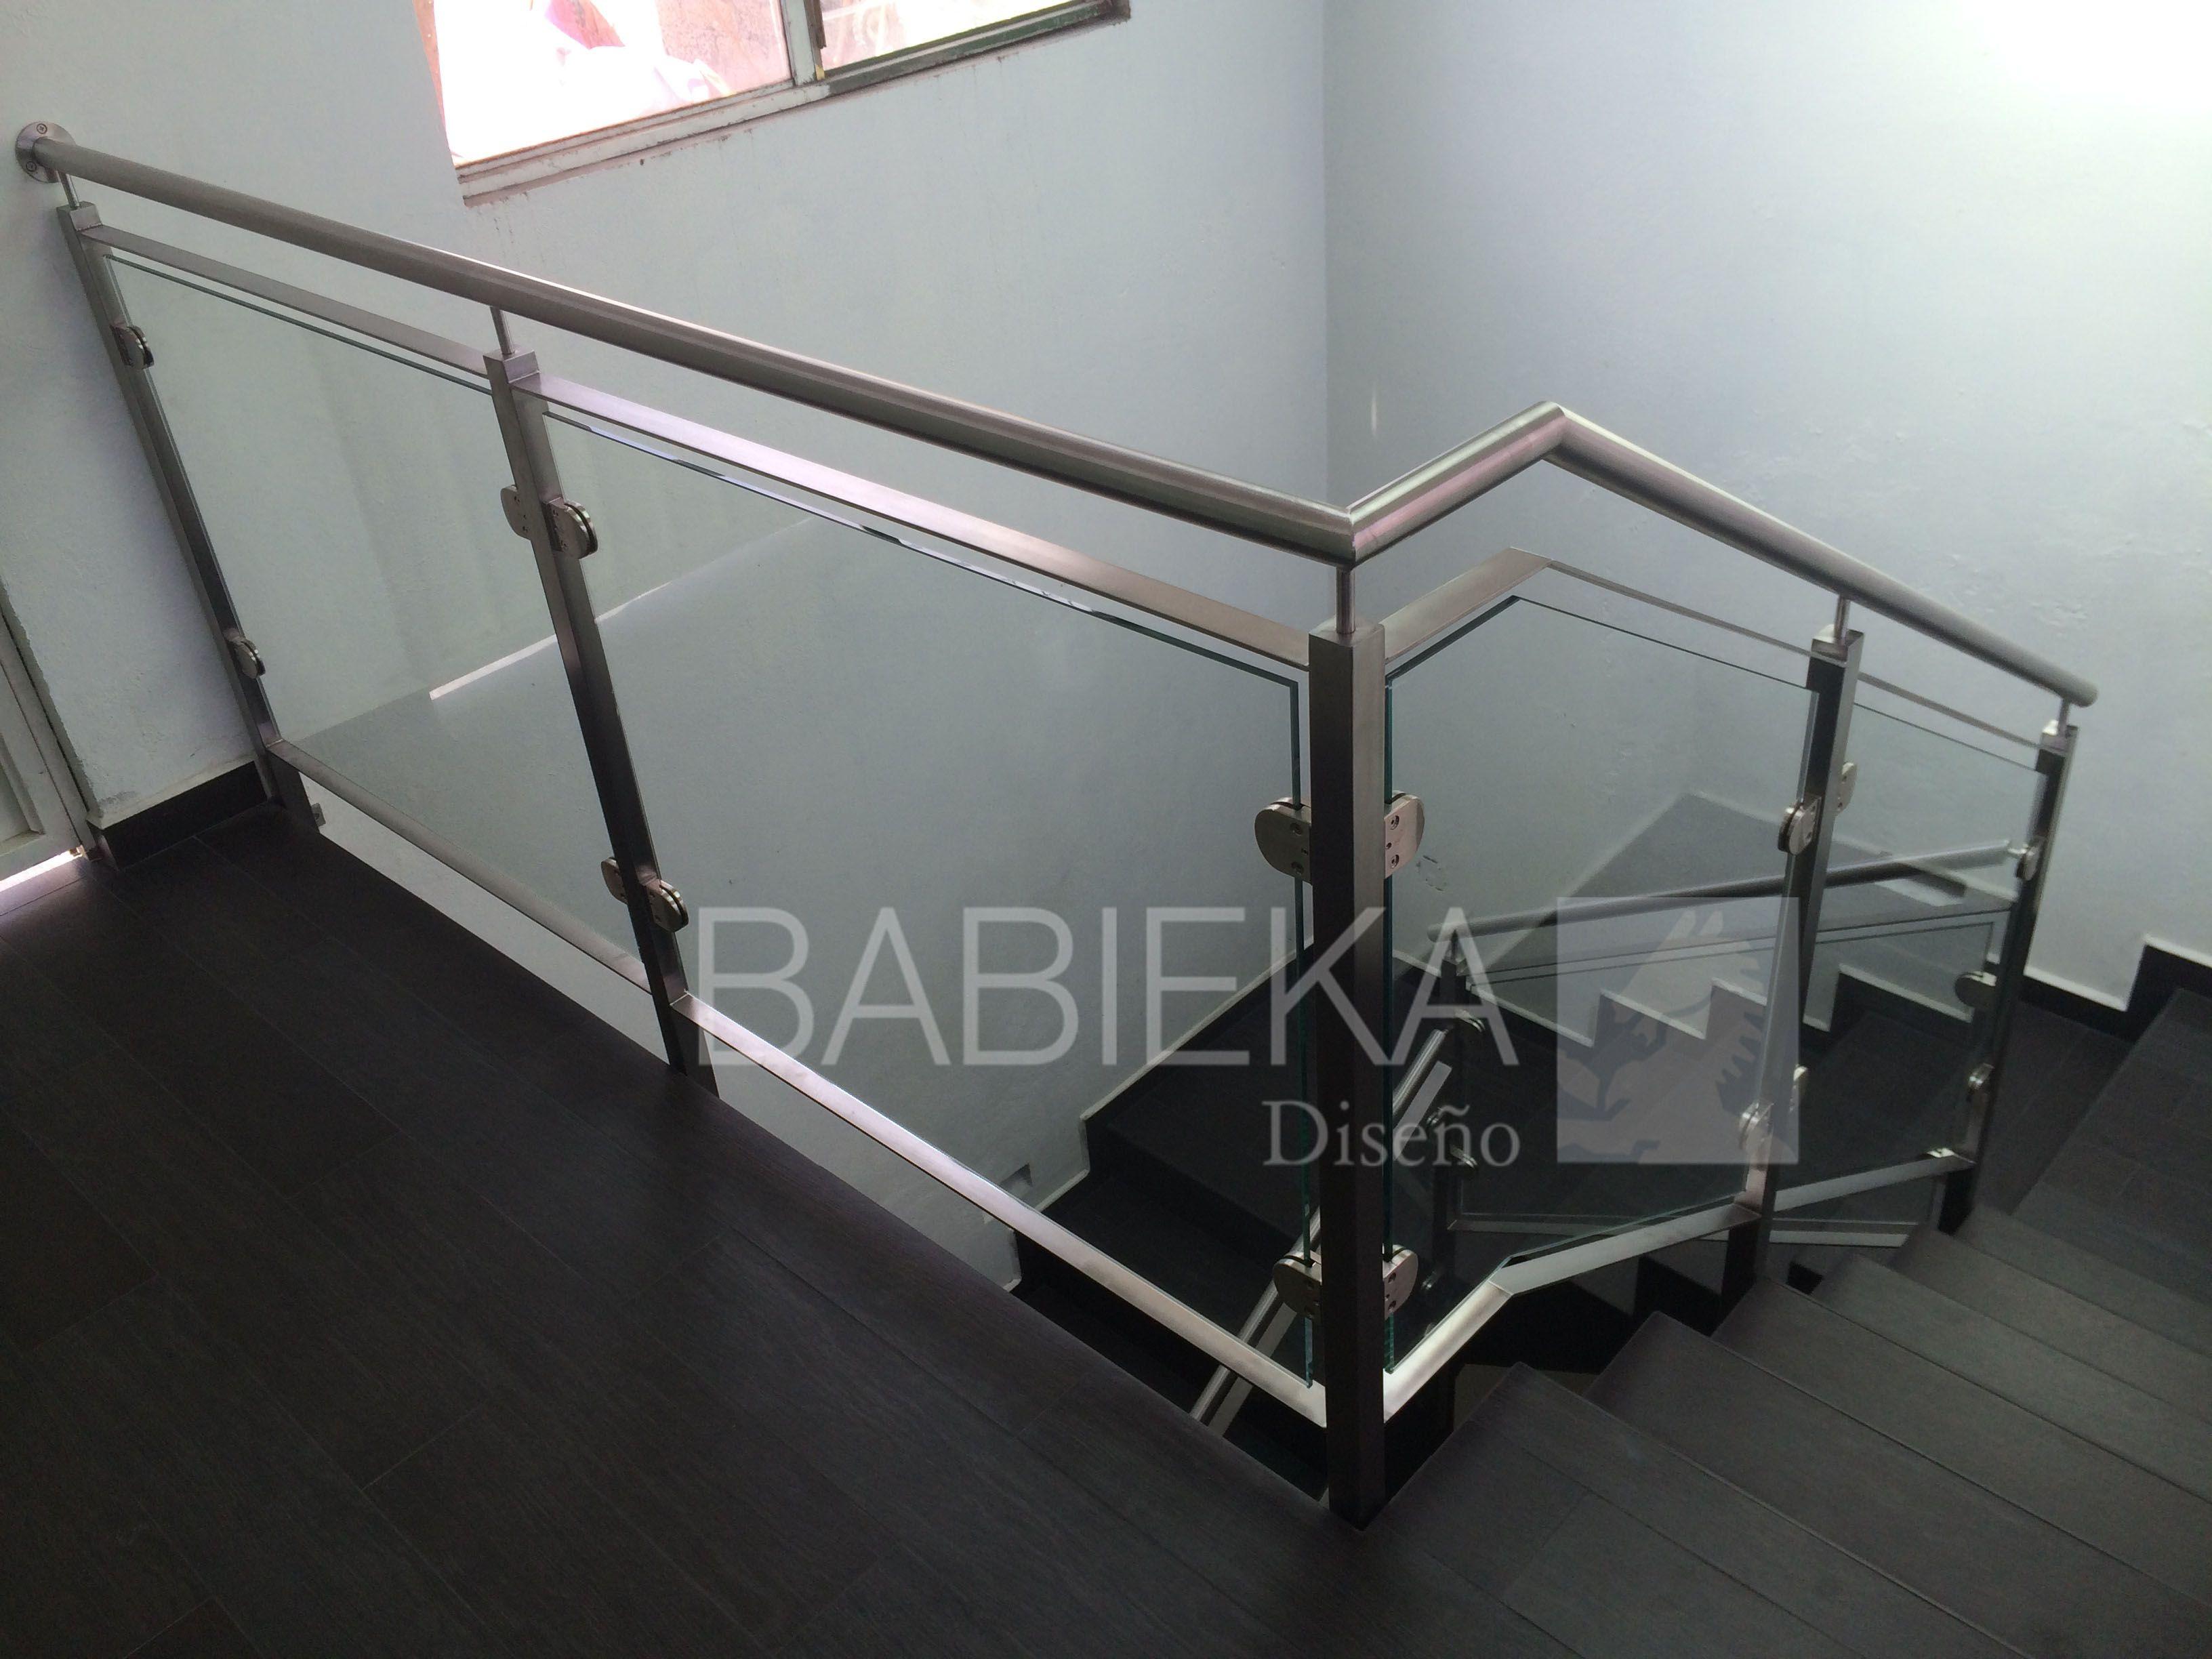 Barandal Con Acero Inoxidable En Dise O Con Terminado Cuadrado Y  ~ Barandillas De Cristal Para Escaleras Interiores